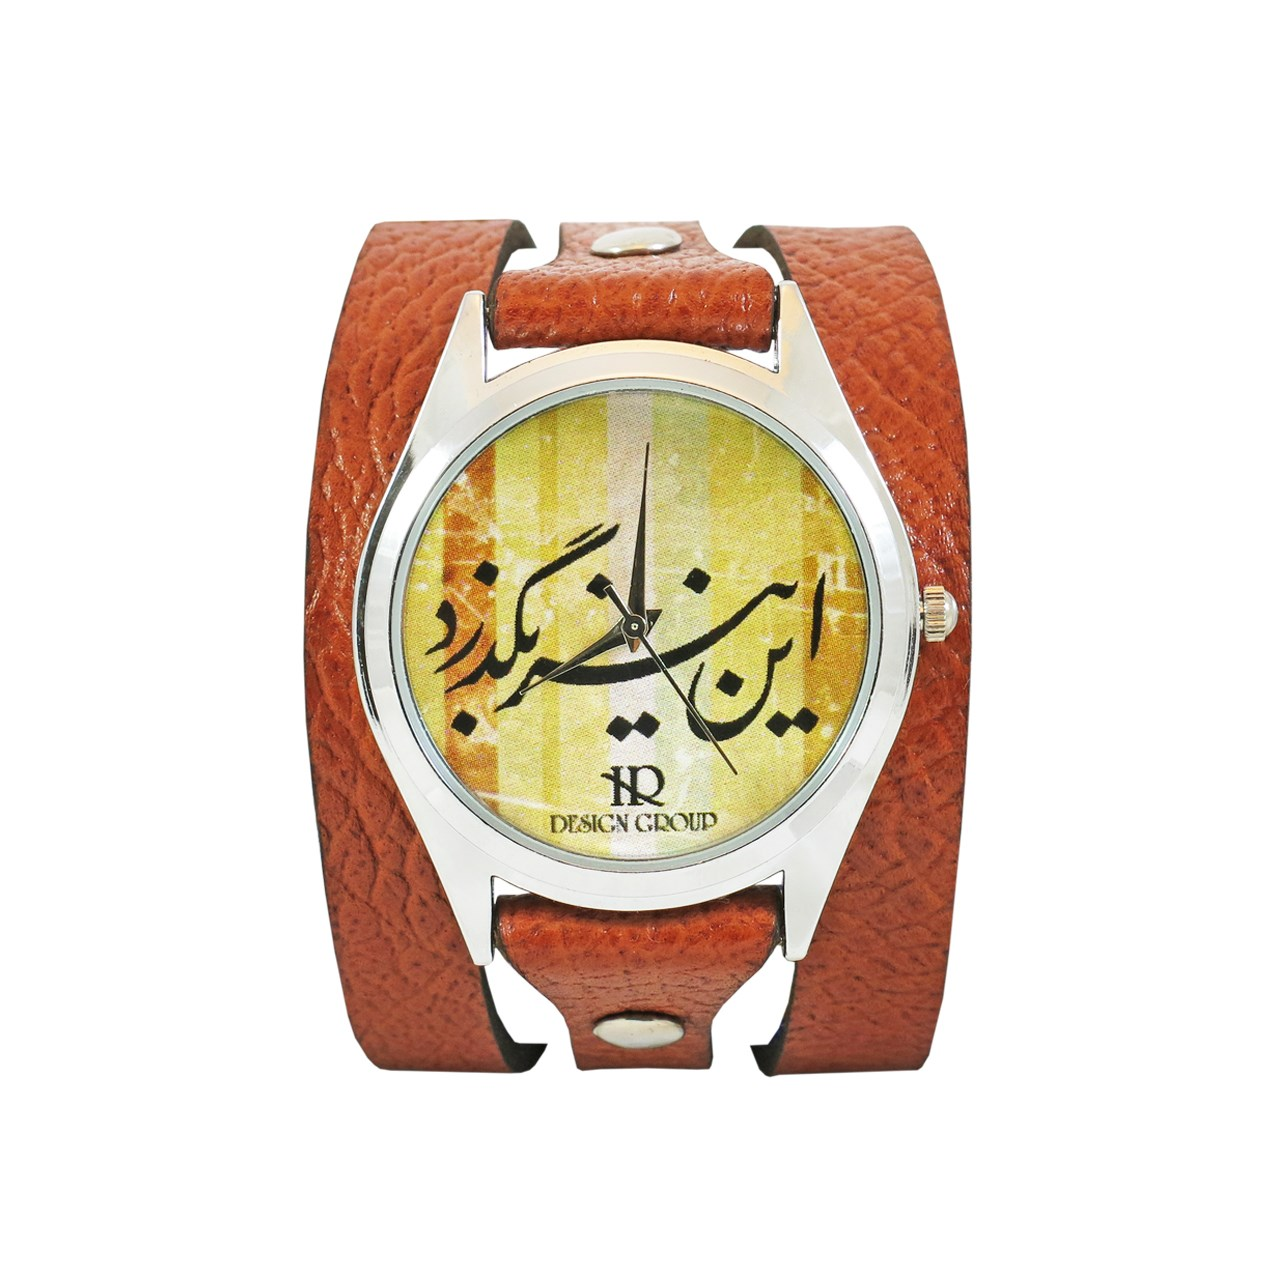 ساعت دست ساز اچ آر دیزاین گروپ مدل 008